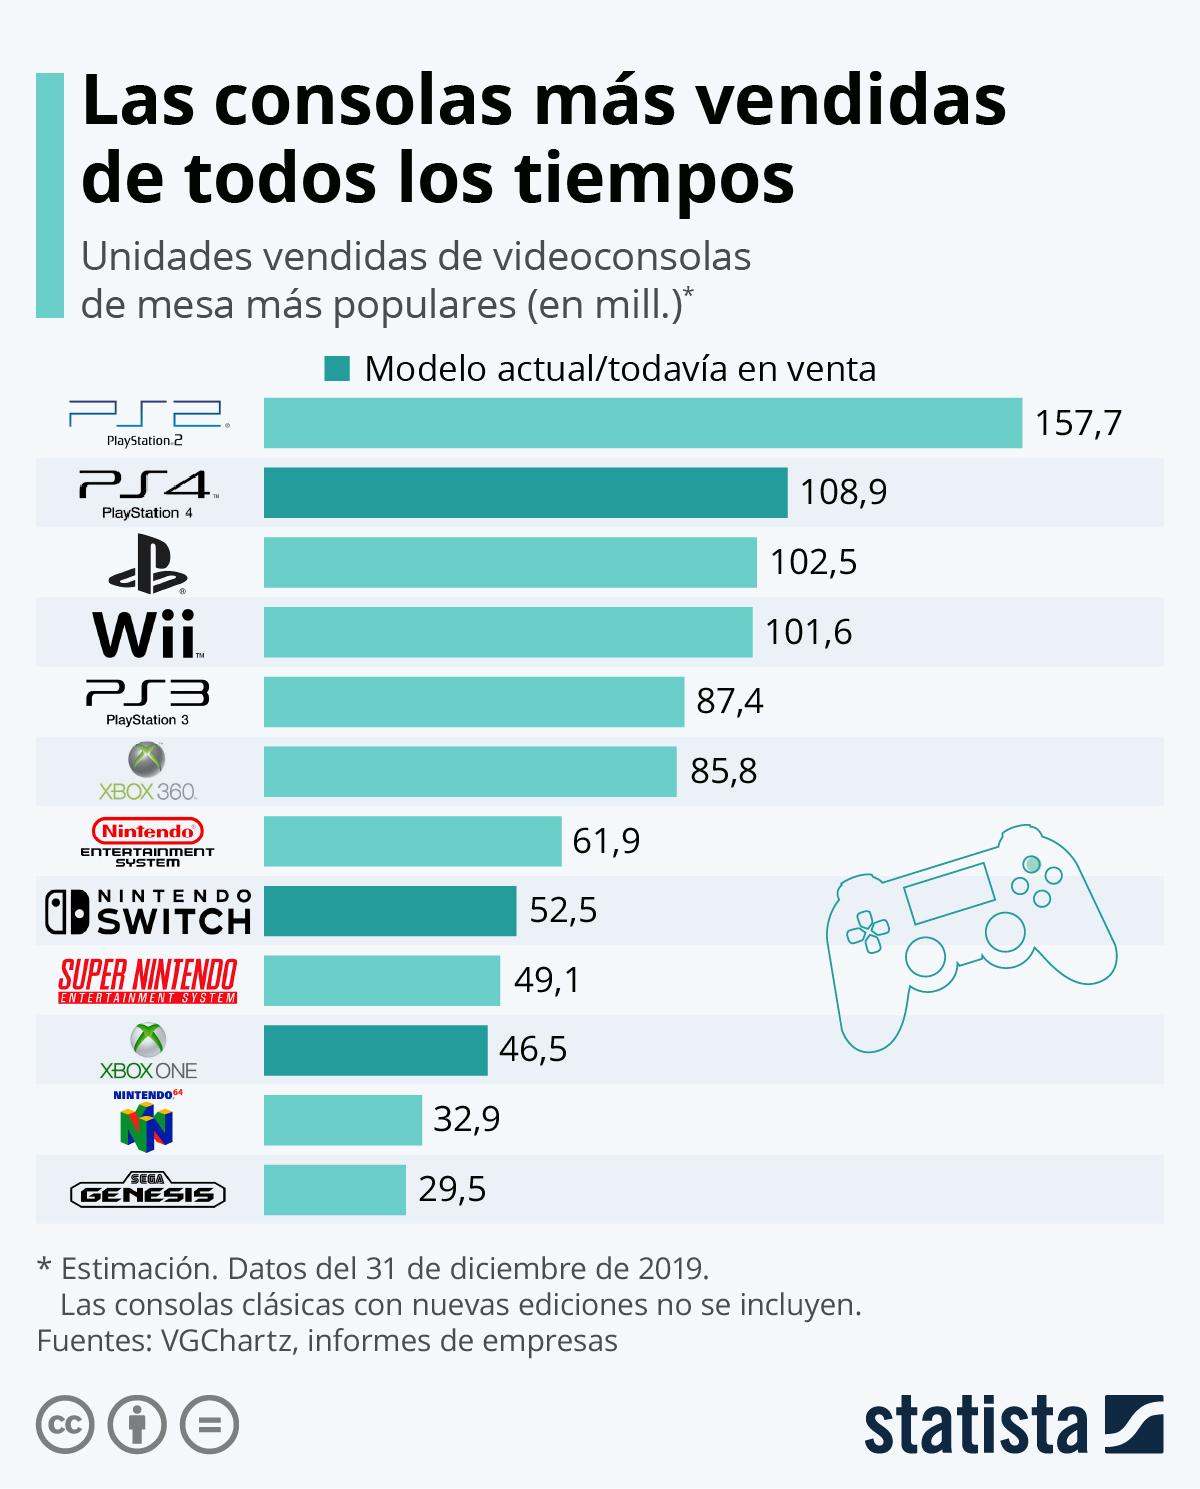 La Ps2 fue la consola más vendida. Sólo la Playstation 4 se le acerca.